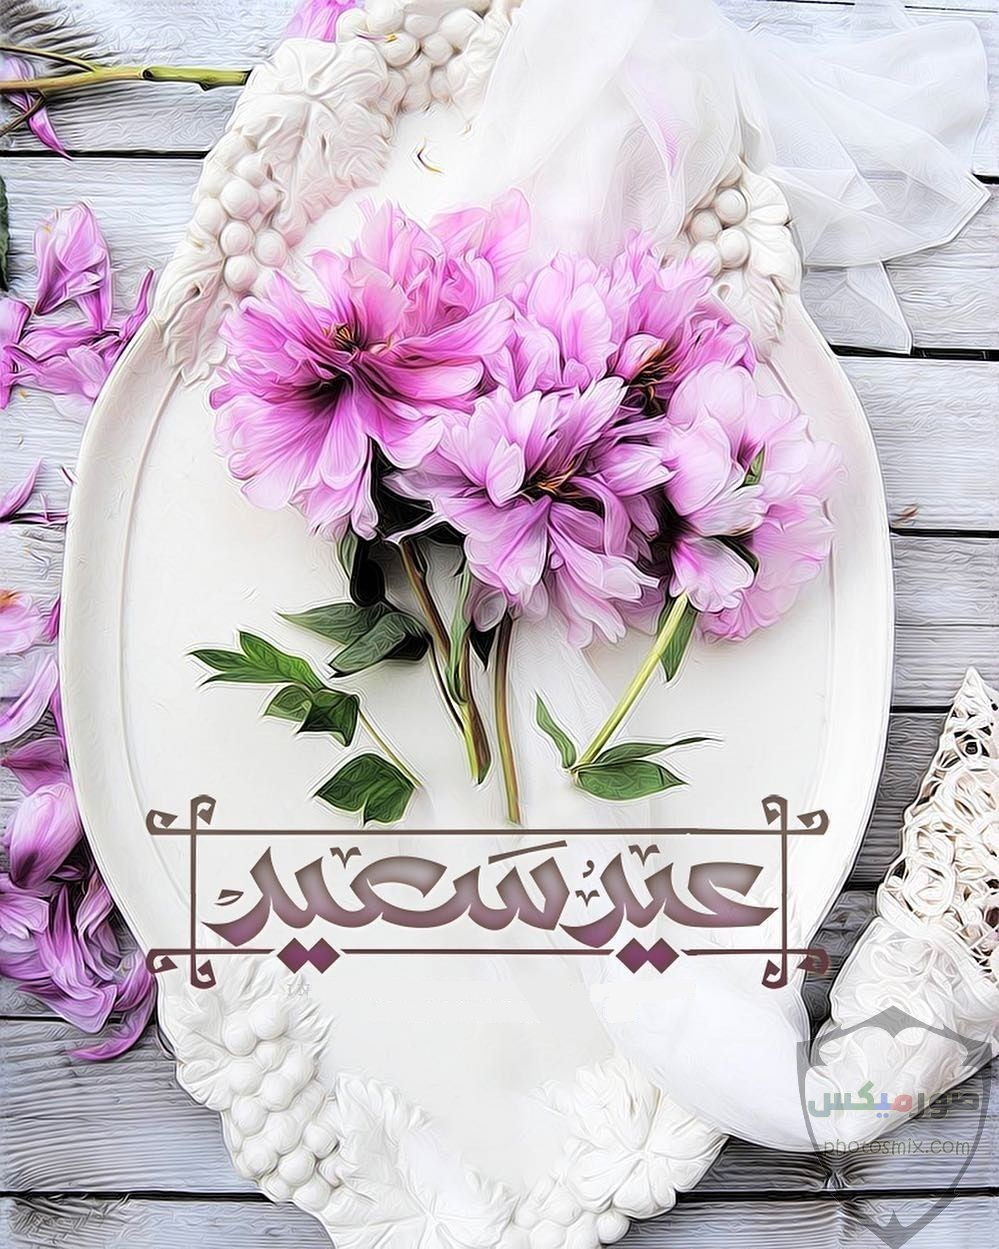 مظاهر الاحتفال بعيد الفطر 1